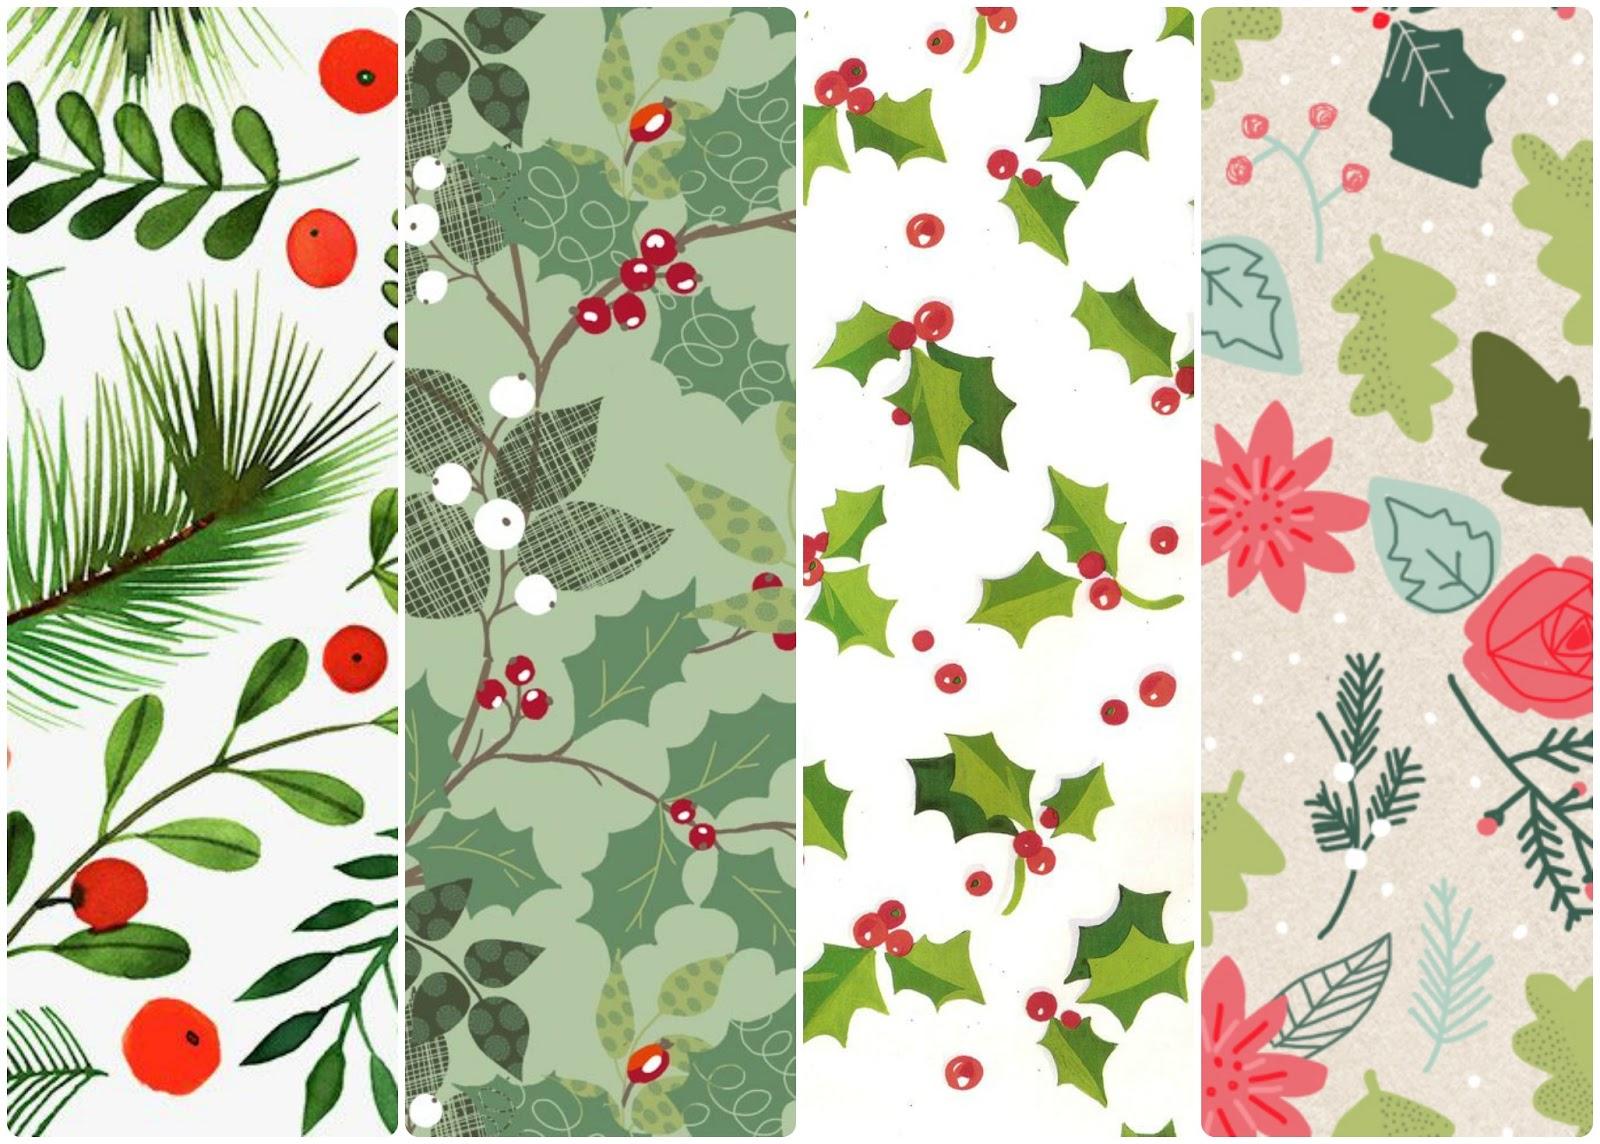 Fondos Para Pantallas De Grinch Para Navidad: Imagenes De Navidad Para Descargar Gratis Al Celular